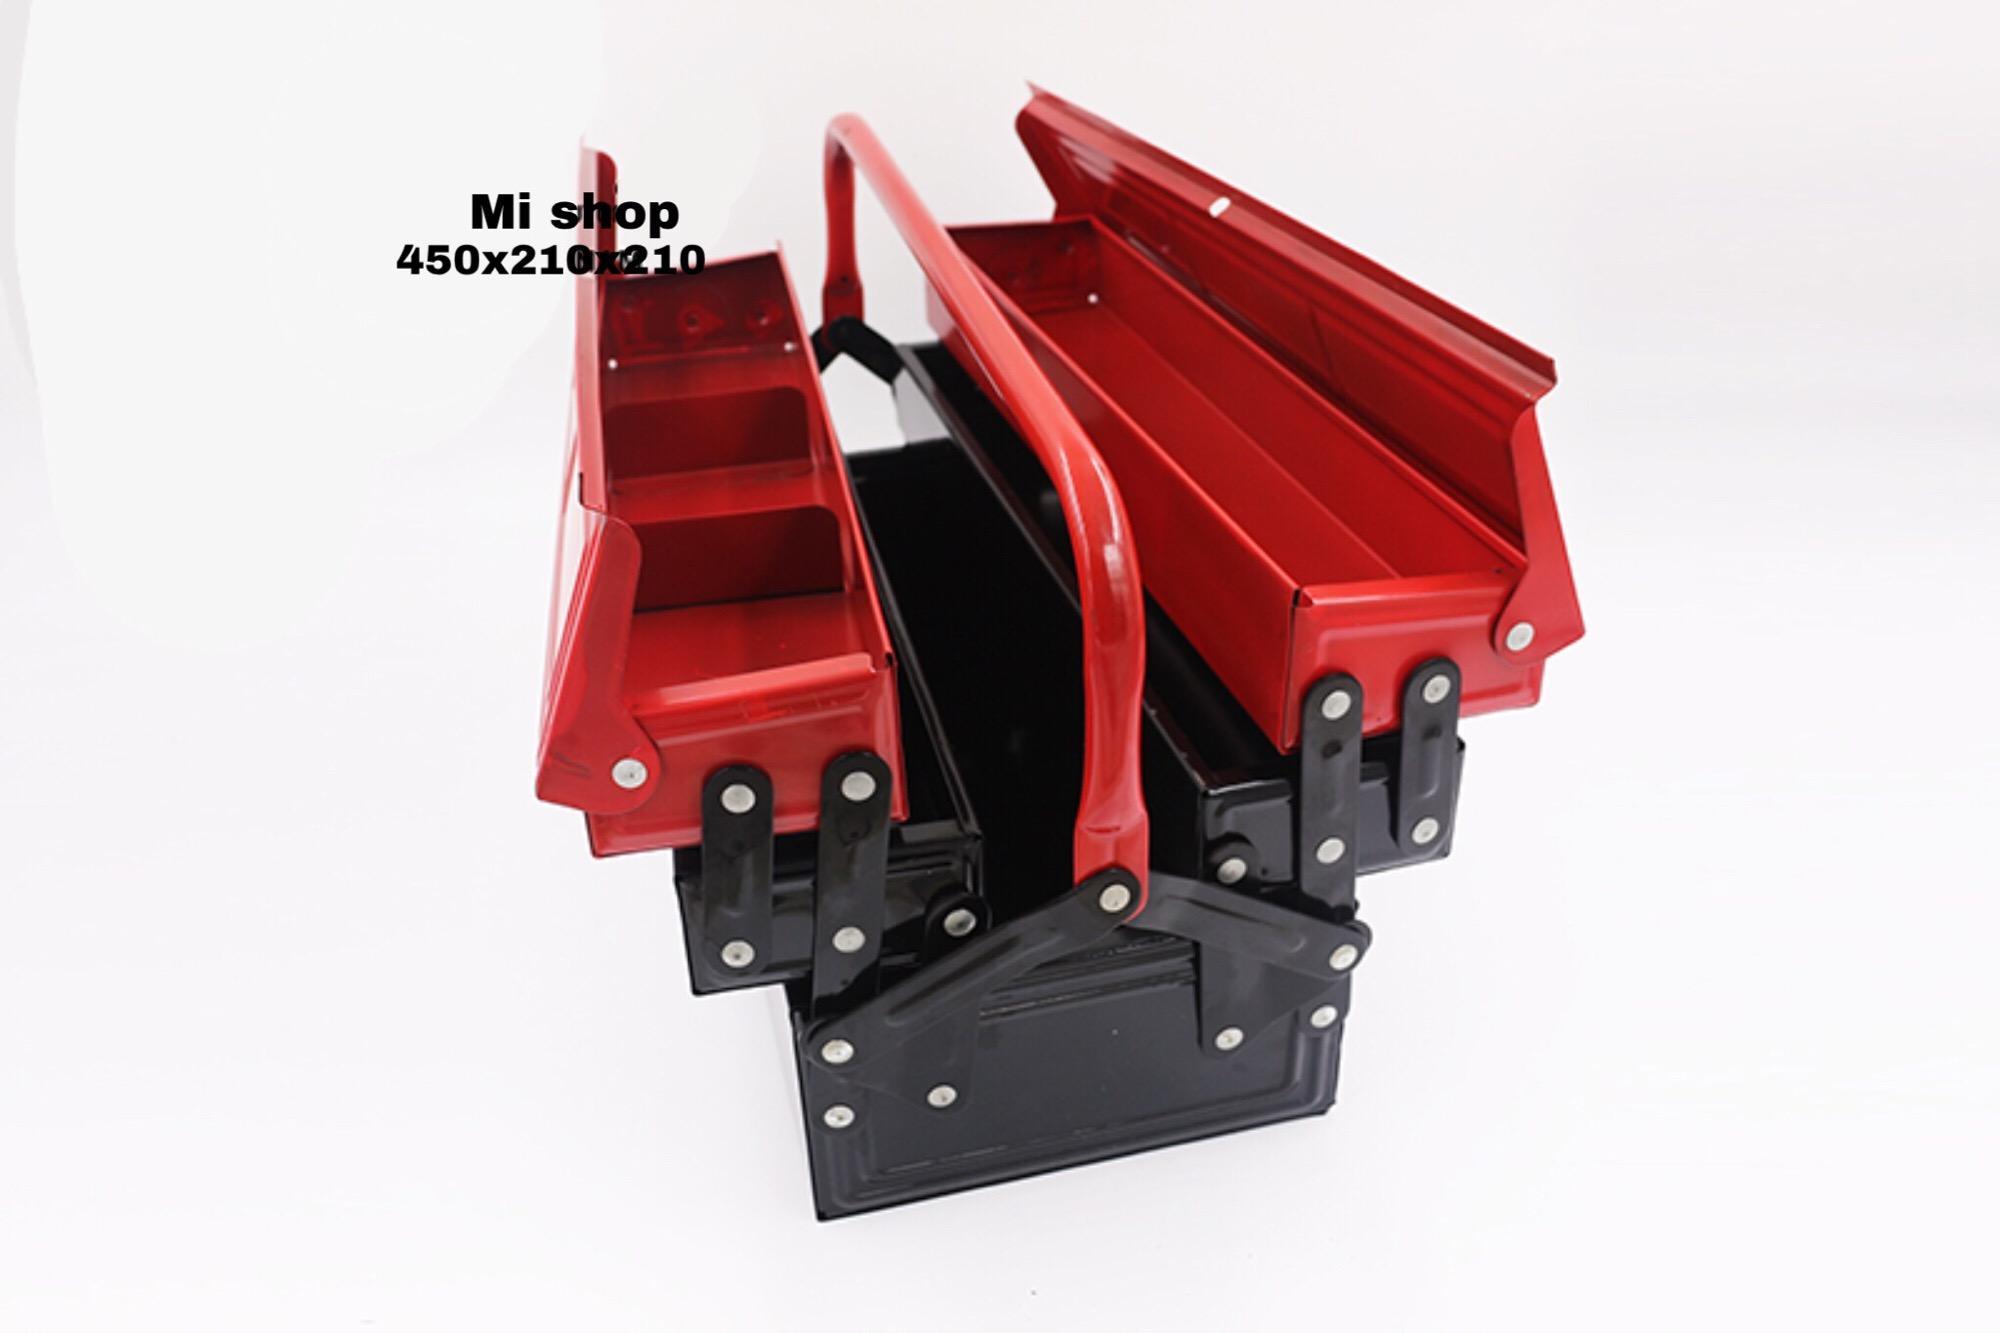 Hộp Đựng Dụng Cụ Sắt Đỏ Đen Đa Năng Cỡ Lớn(450x210x210mm)